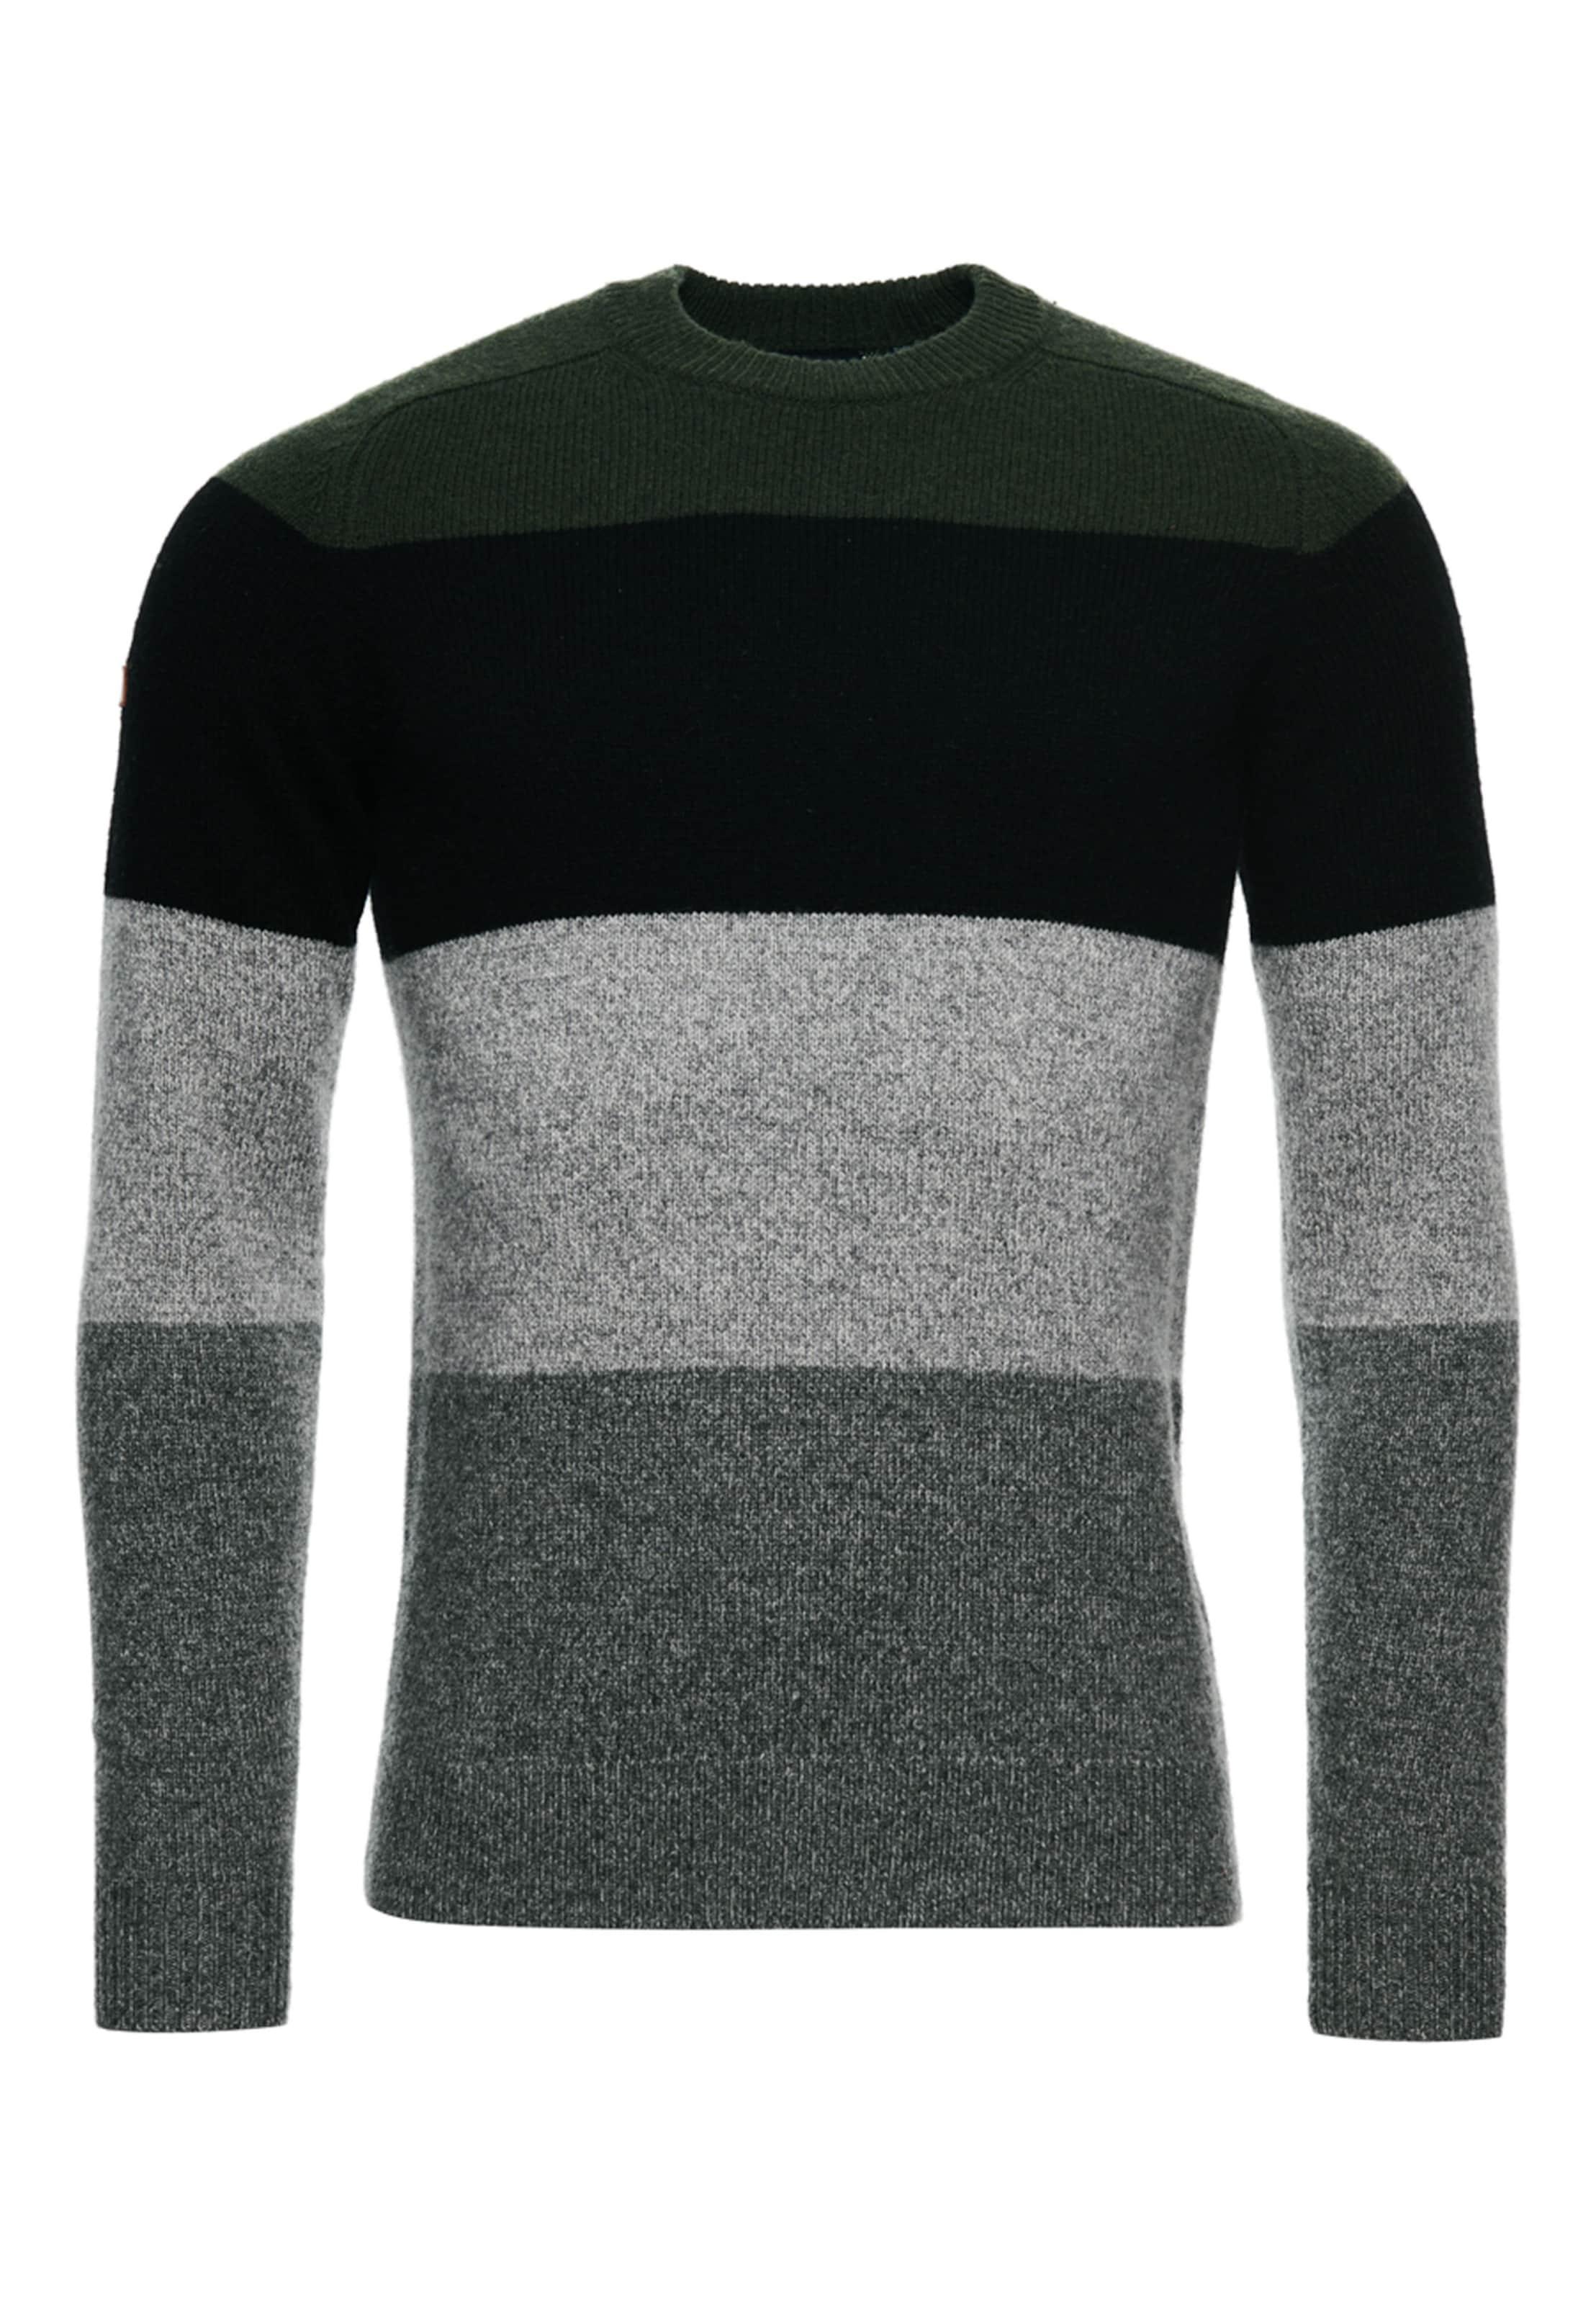 Superdry Pullover in schwarz Unifarben 1041411500533V6K002